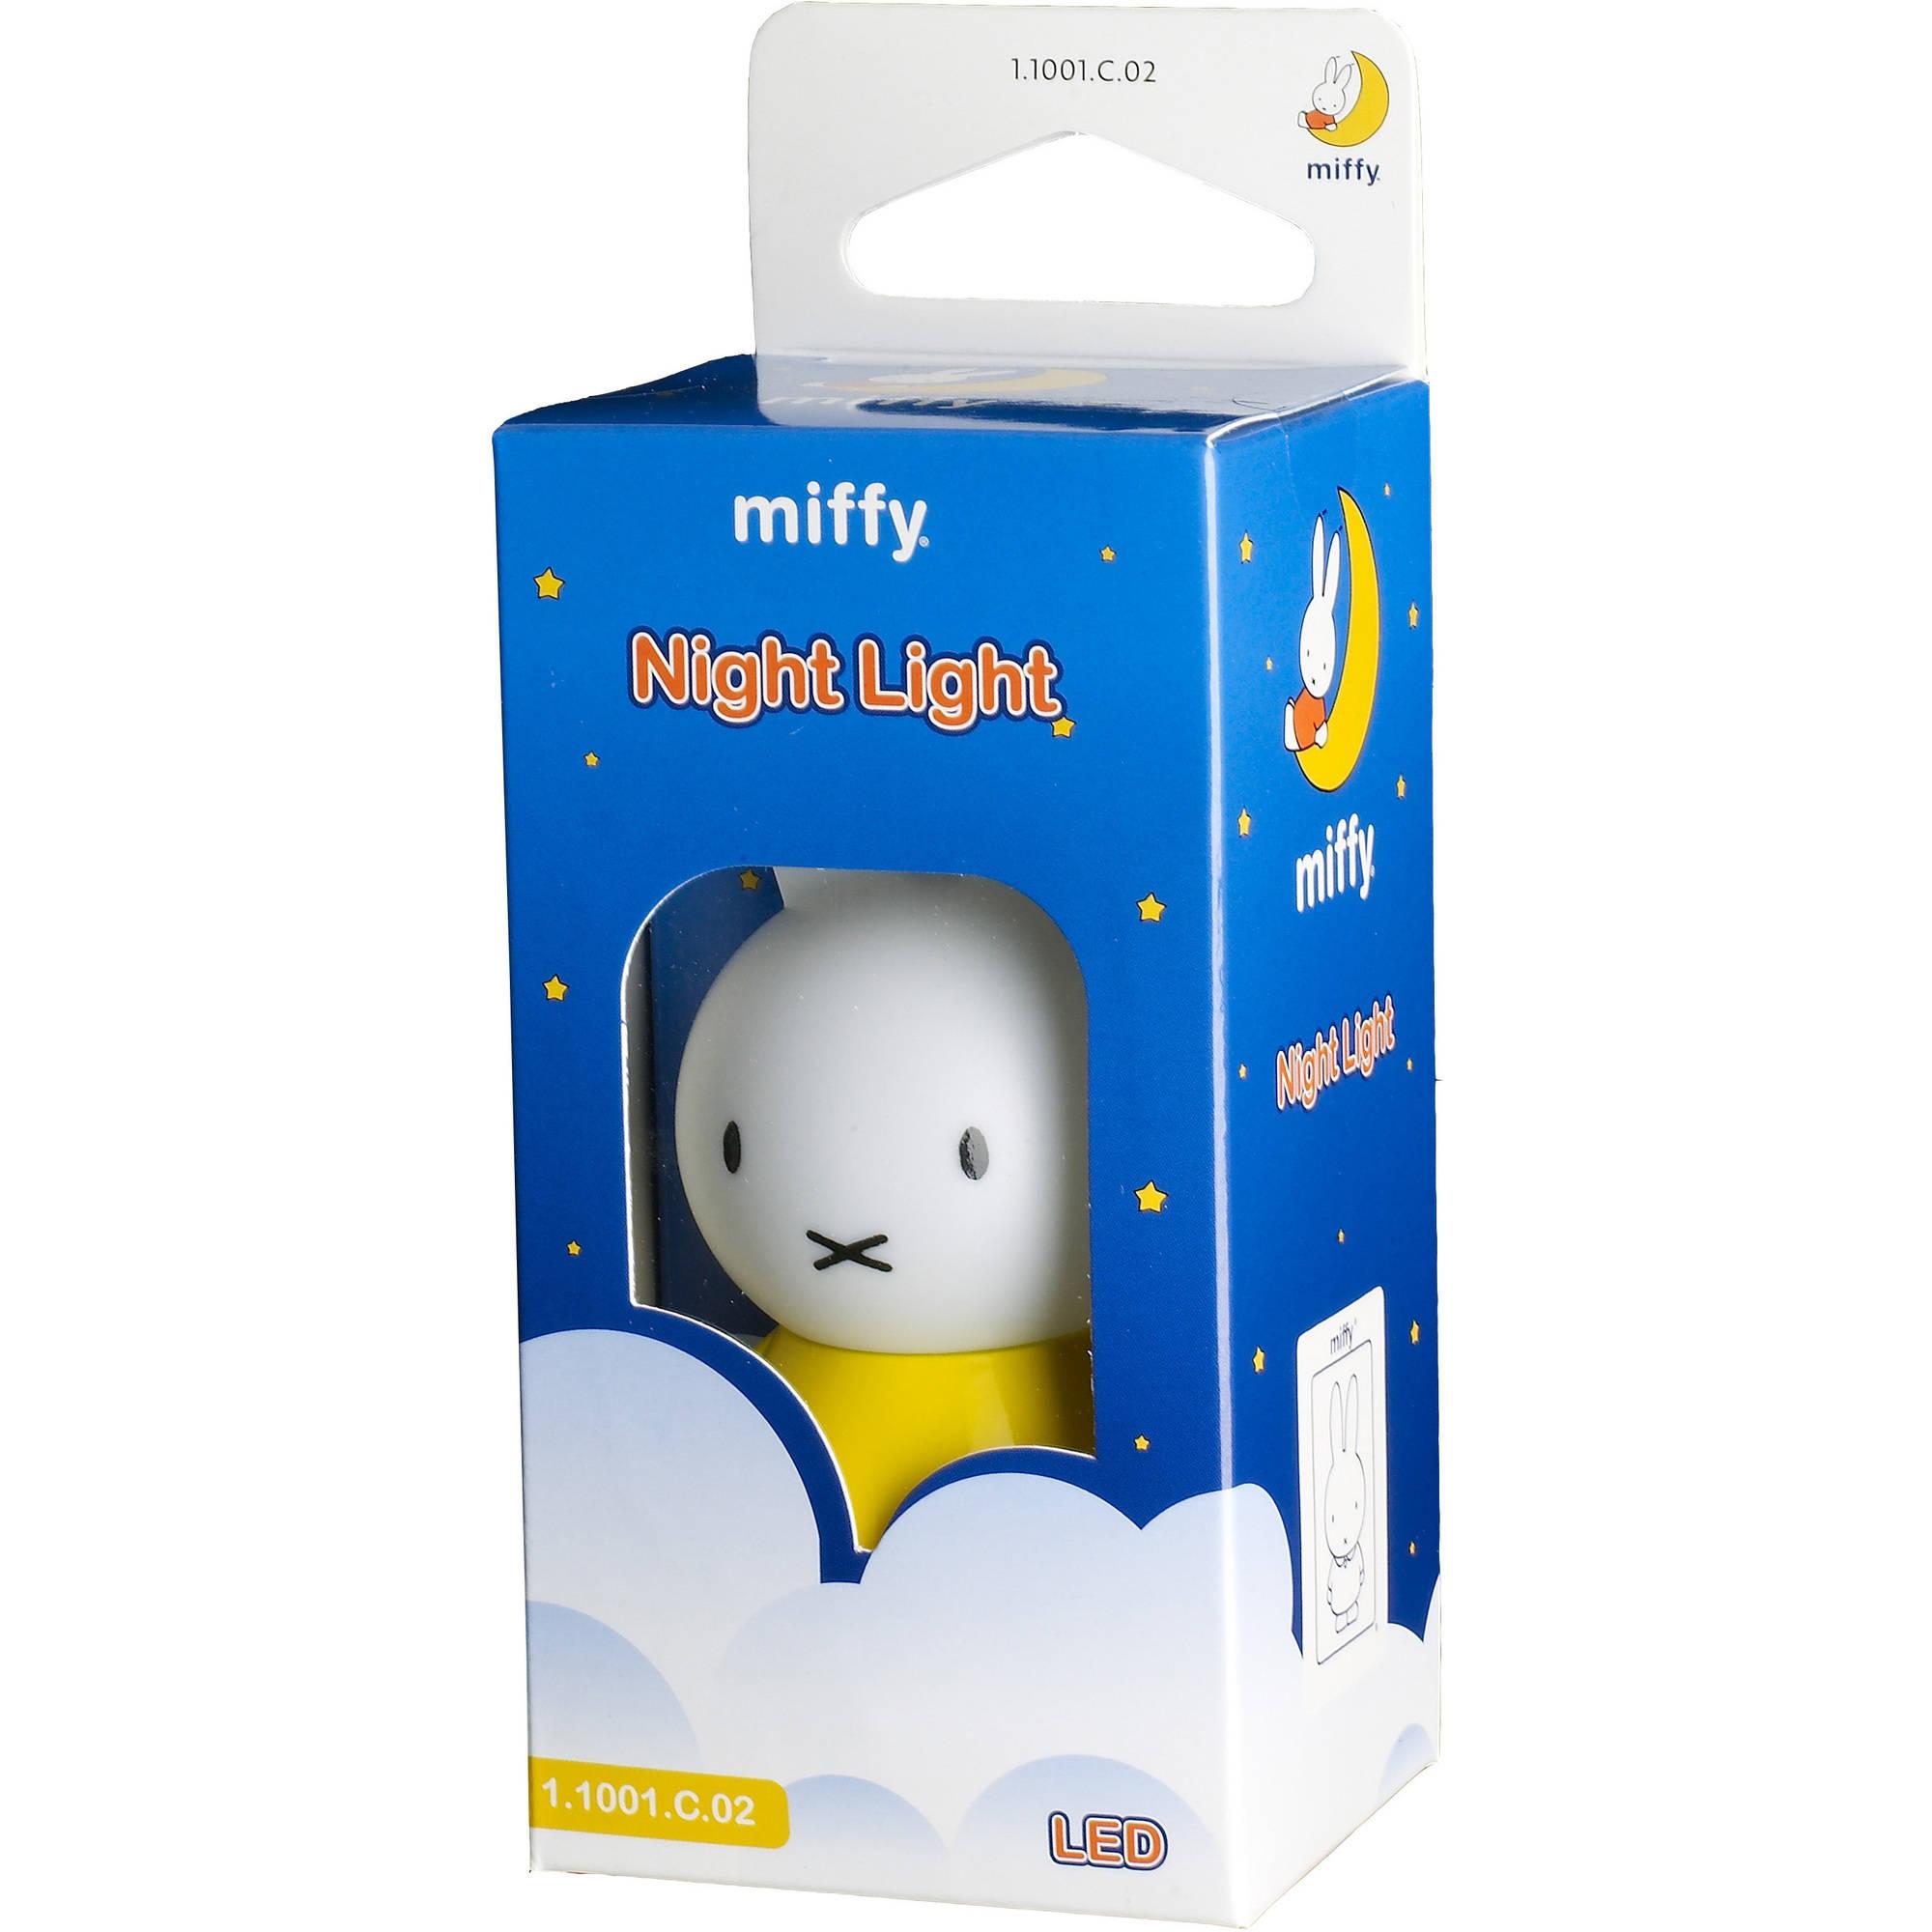 Miffy Mini Miffy Night Light, Yellow